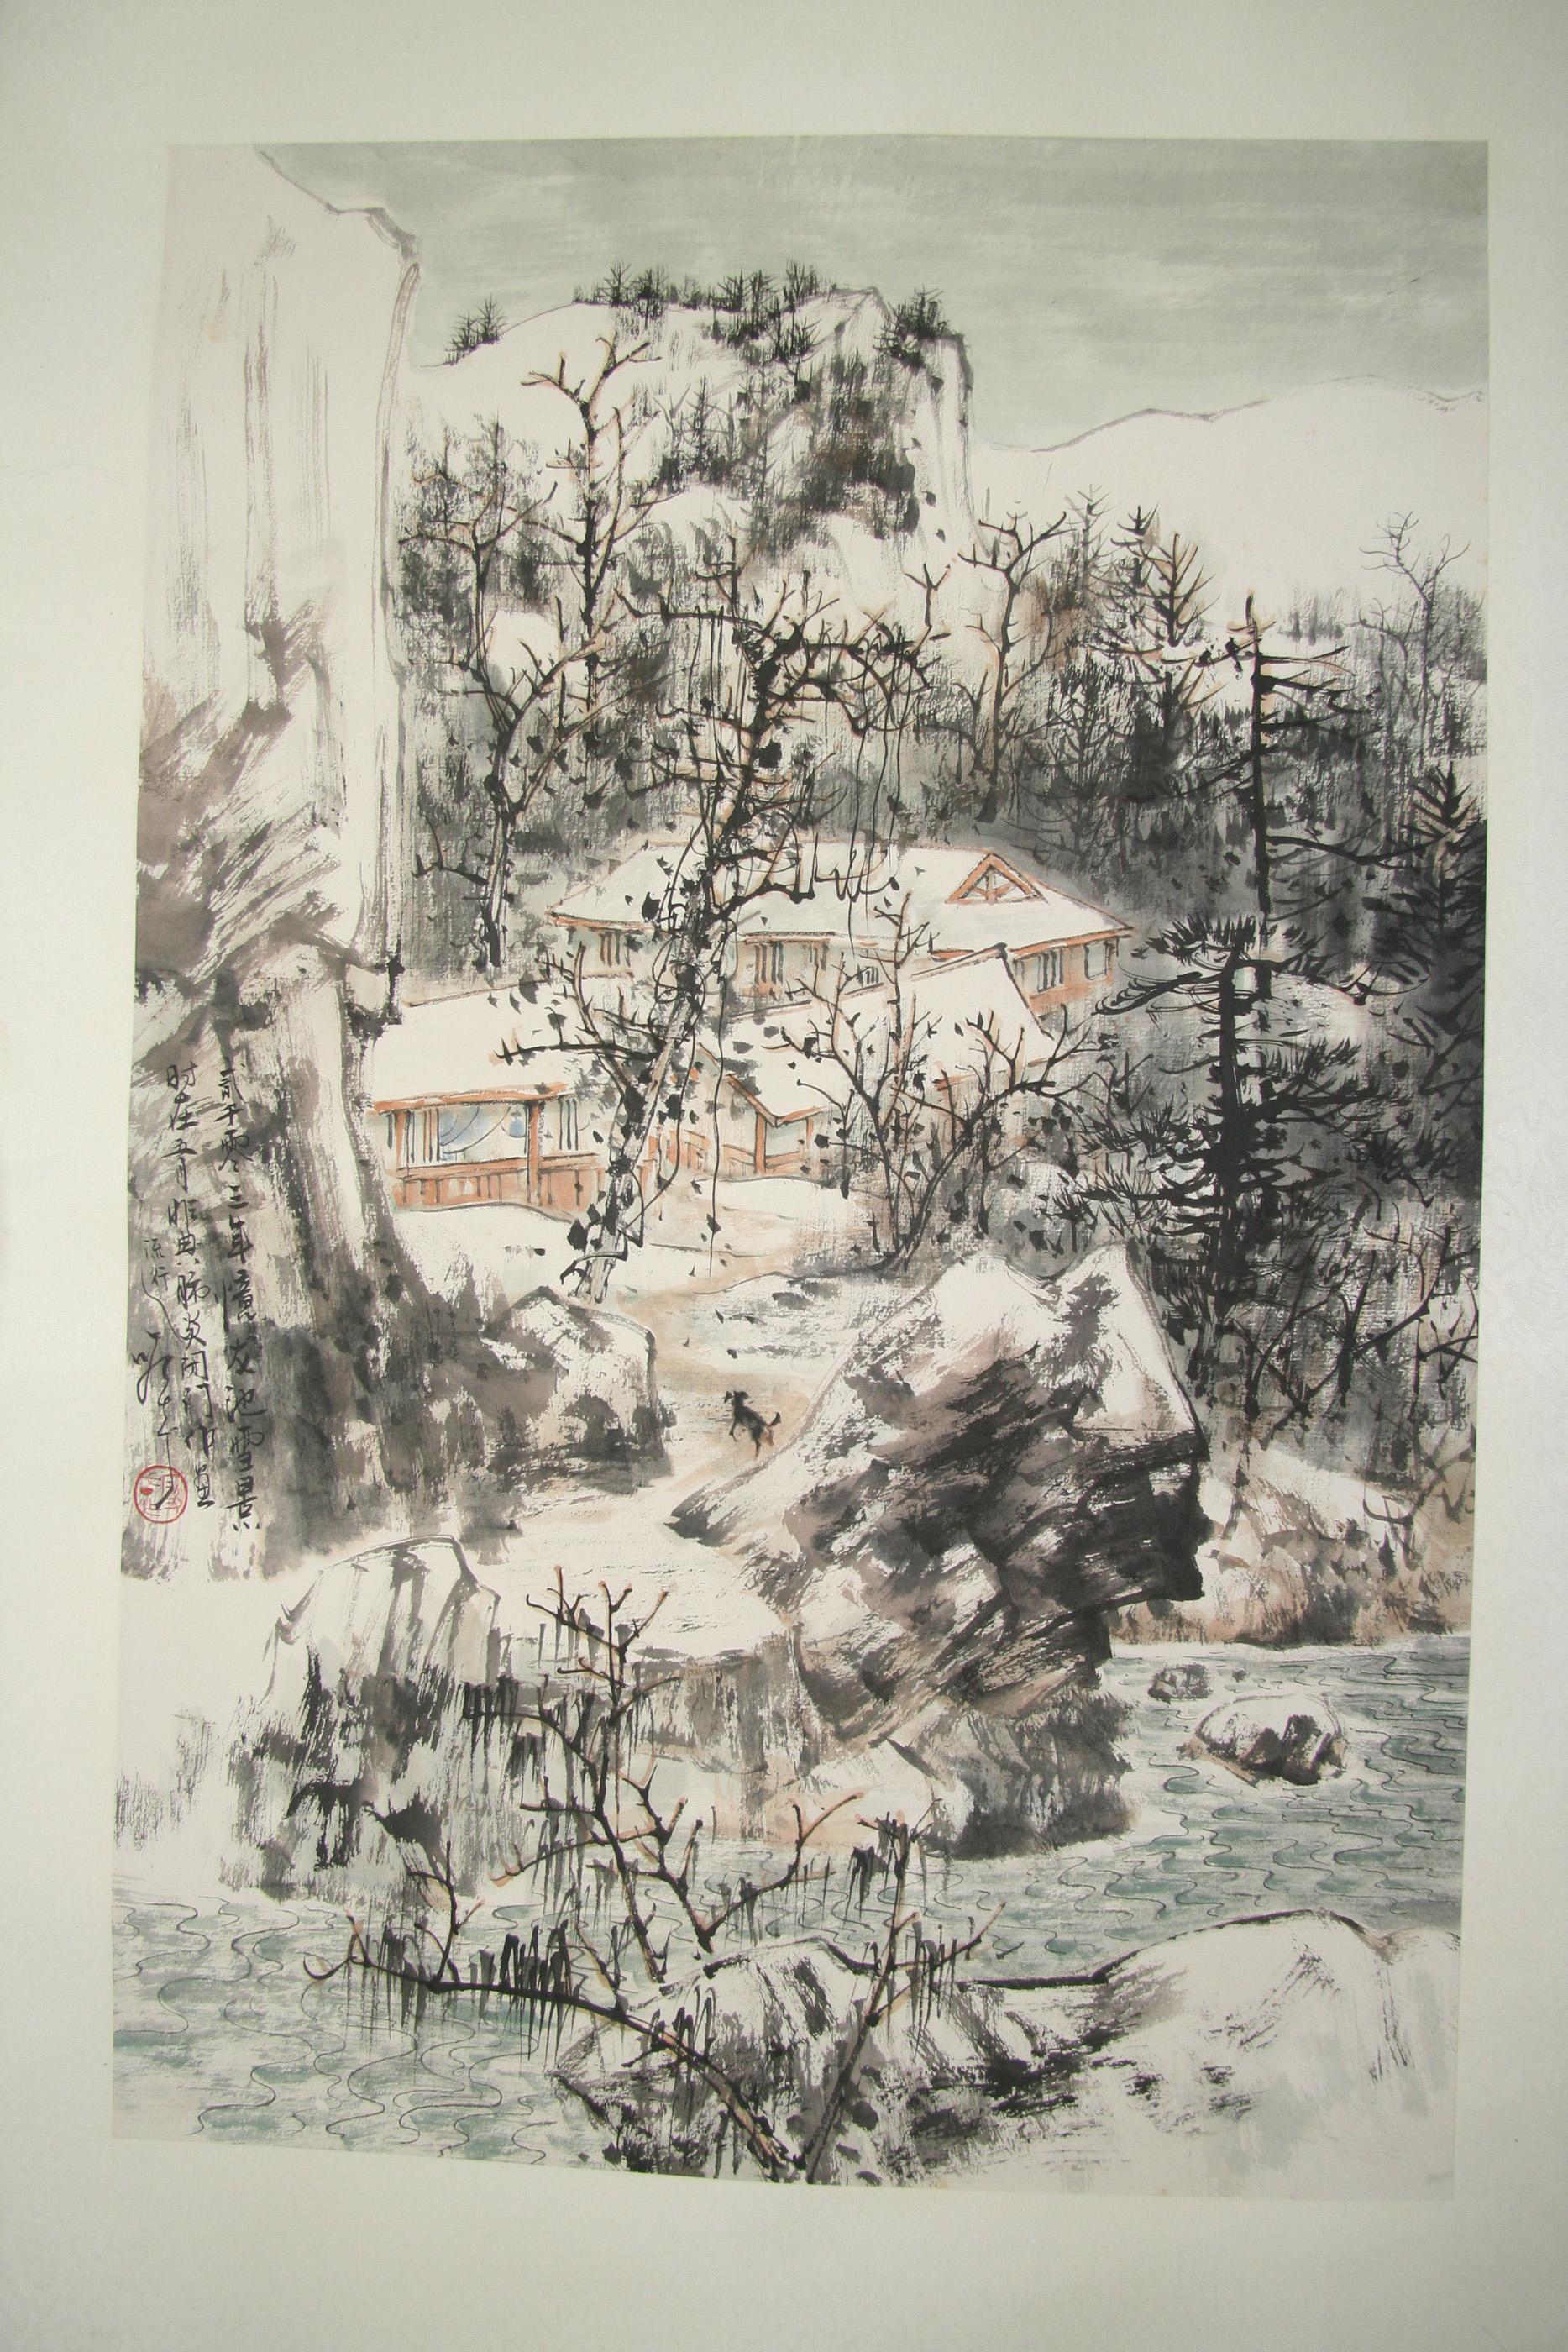 2003年忆龙池雪景 Snow-Covered Landscape of Yilong Pond in 2003